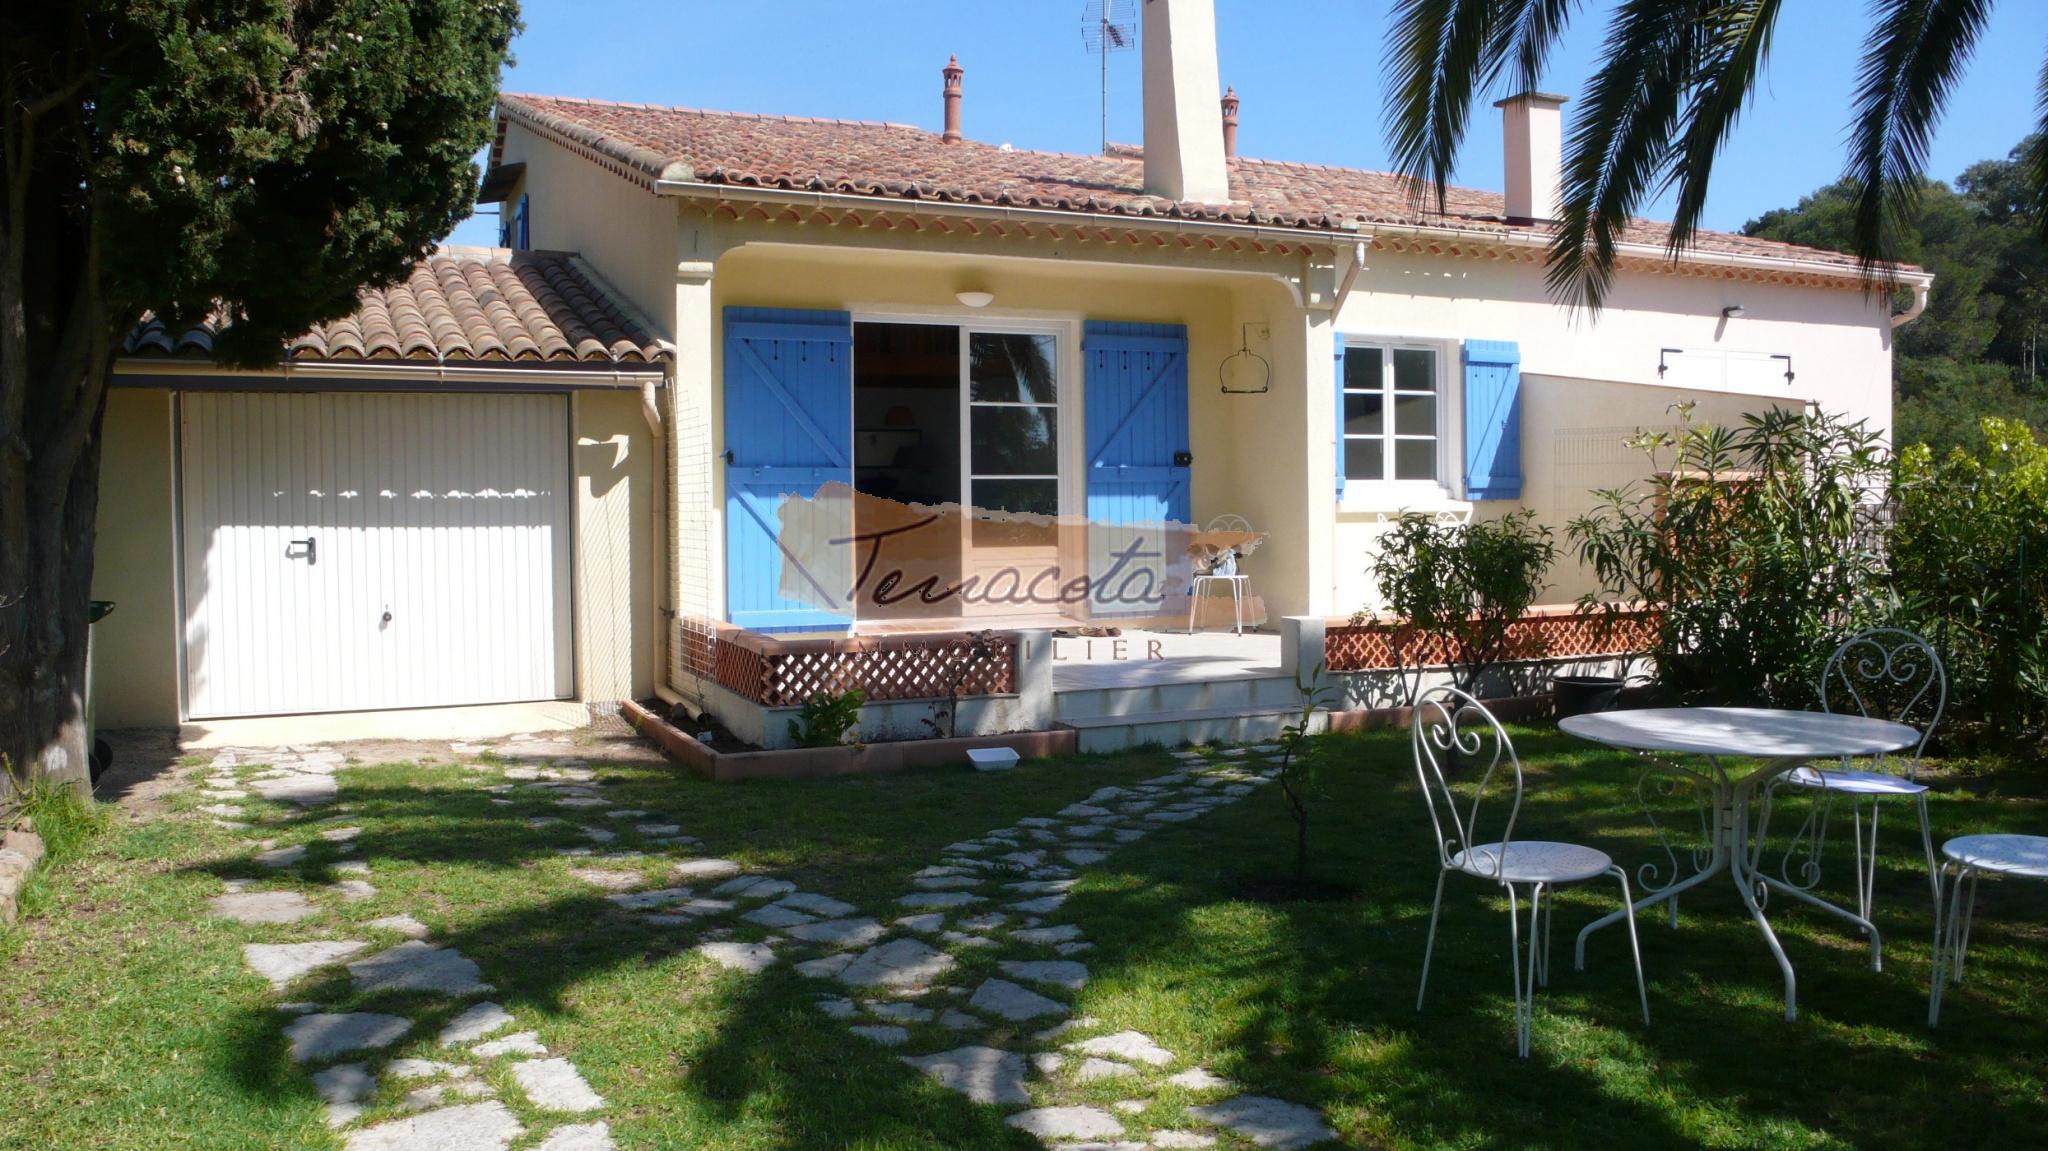 Location de vacances Maison Boulouris (83700)